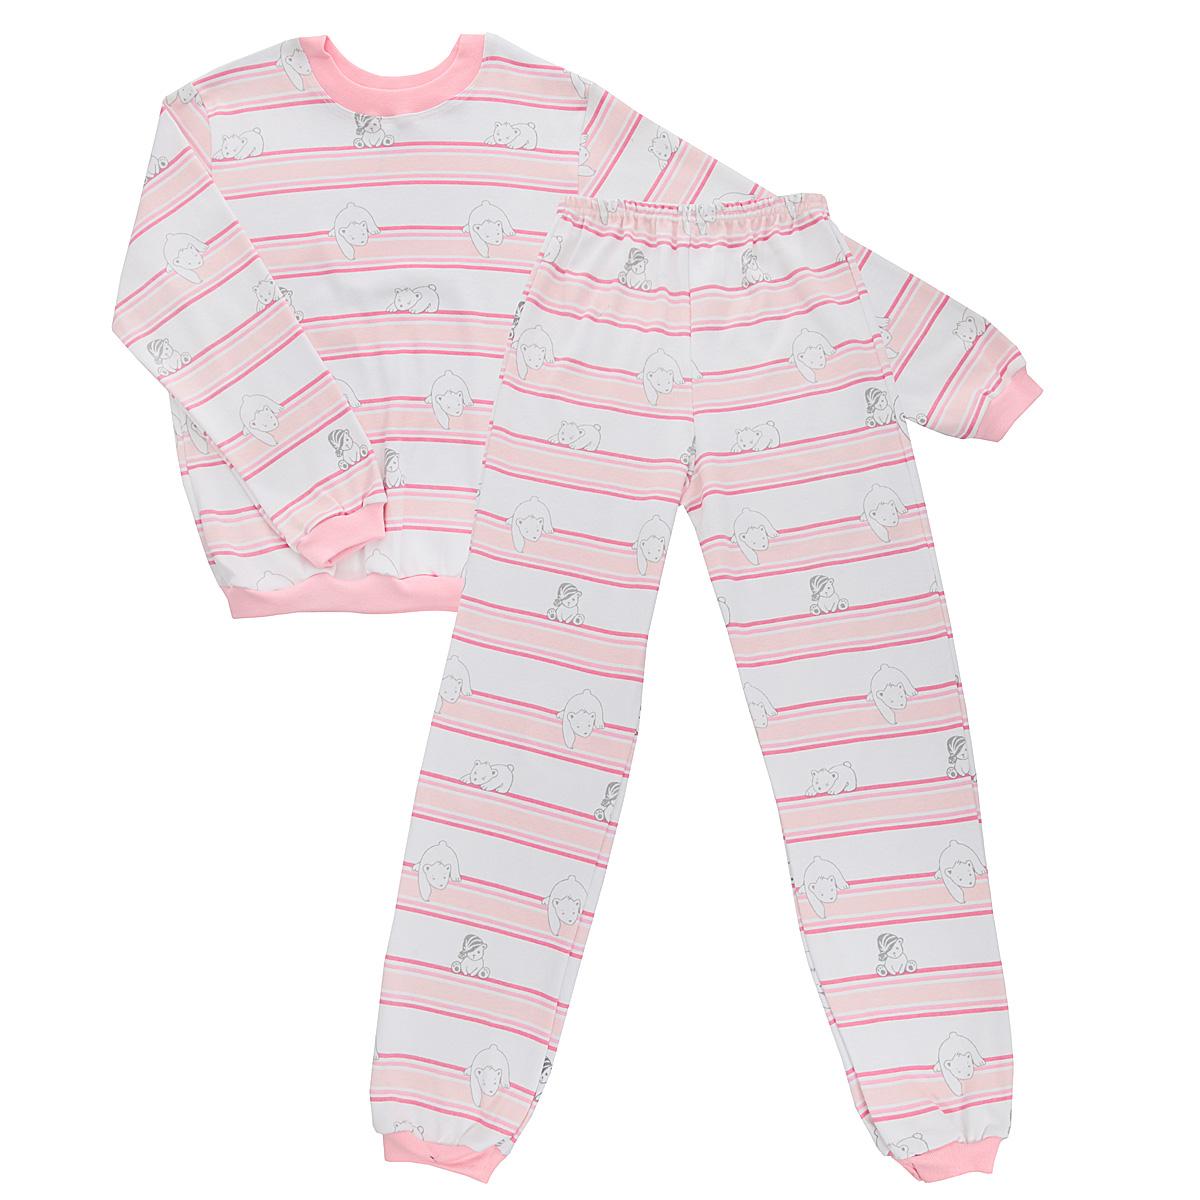 Пижама детская Трон-плюс, цвет: белый, розовый. 5555_мишка. Размер 134/140, 9-12 лет5555_мишкаУютная детская пижама Трон-плюс, состоящая из джемпера и брюк, идеально подойдет вашему ребенку и станет отличным дополнением к детскому гардеробу. Изготовленная из интерлока, она необычайно мягкая и легкая, не сковывает движения, позволяет коже дышать и не раздражает даже самую нежную и чувствительную кожу ребенка. Трикотажный джемпер с длинными рукавами имеет круглый вырез горловины. Низ изделия, рукава и вырез горловины дополнены эластичной трикотажной резинкой контрастного цвета.Брюки на талии имеют эластичную резинку, благодаря чему не сдавливают живот ребенка и не сползают. Низ брючин дополнен широкими эластичными манжетами контрастного цвета.Оформлено изделие оригинальным принтом с изображением белых мишек и цветных полос. В такой пижаме ваш ребенок будет чувствовать себя комфортно и уютно во время сна.